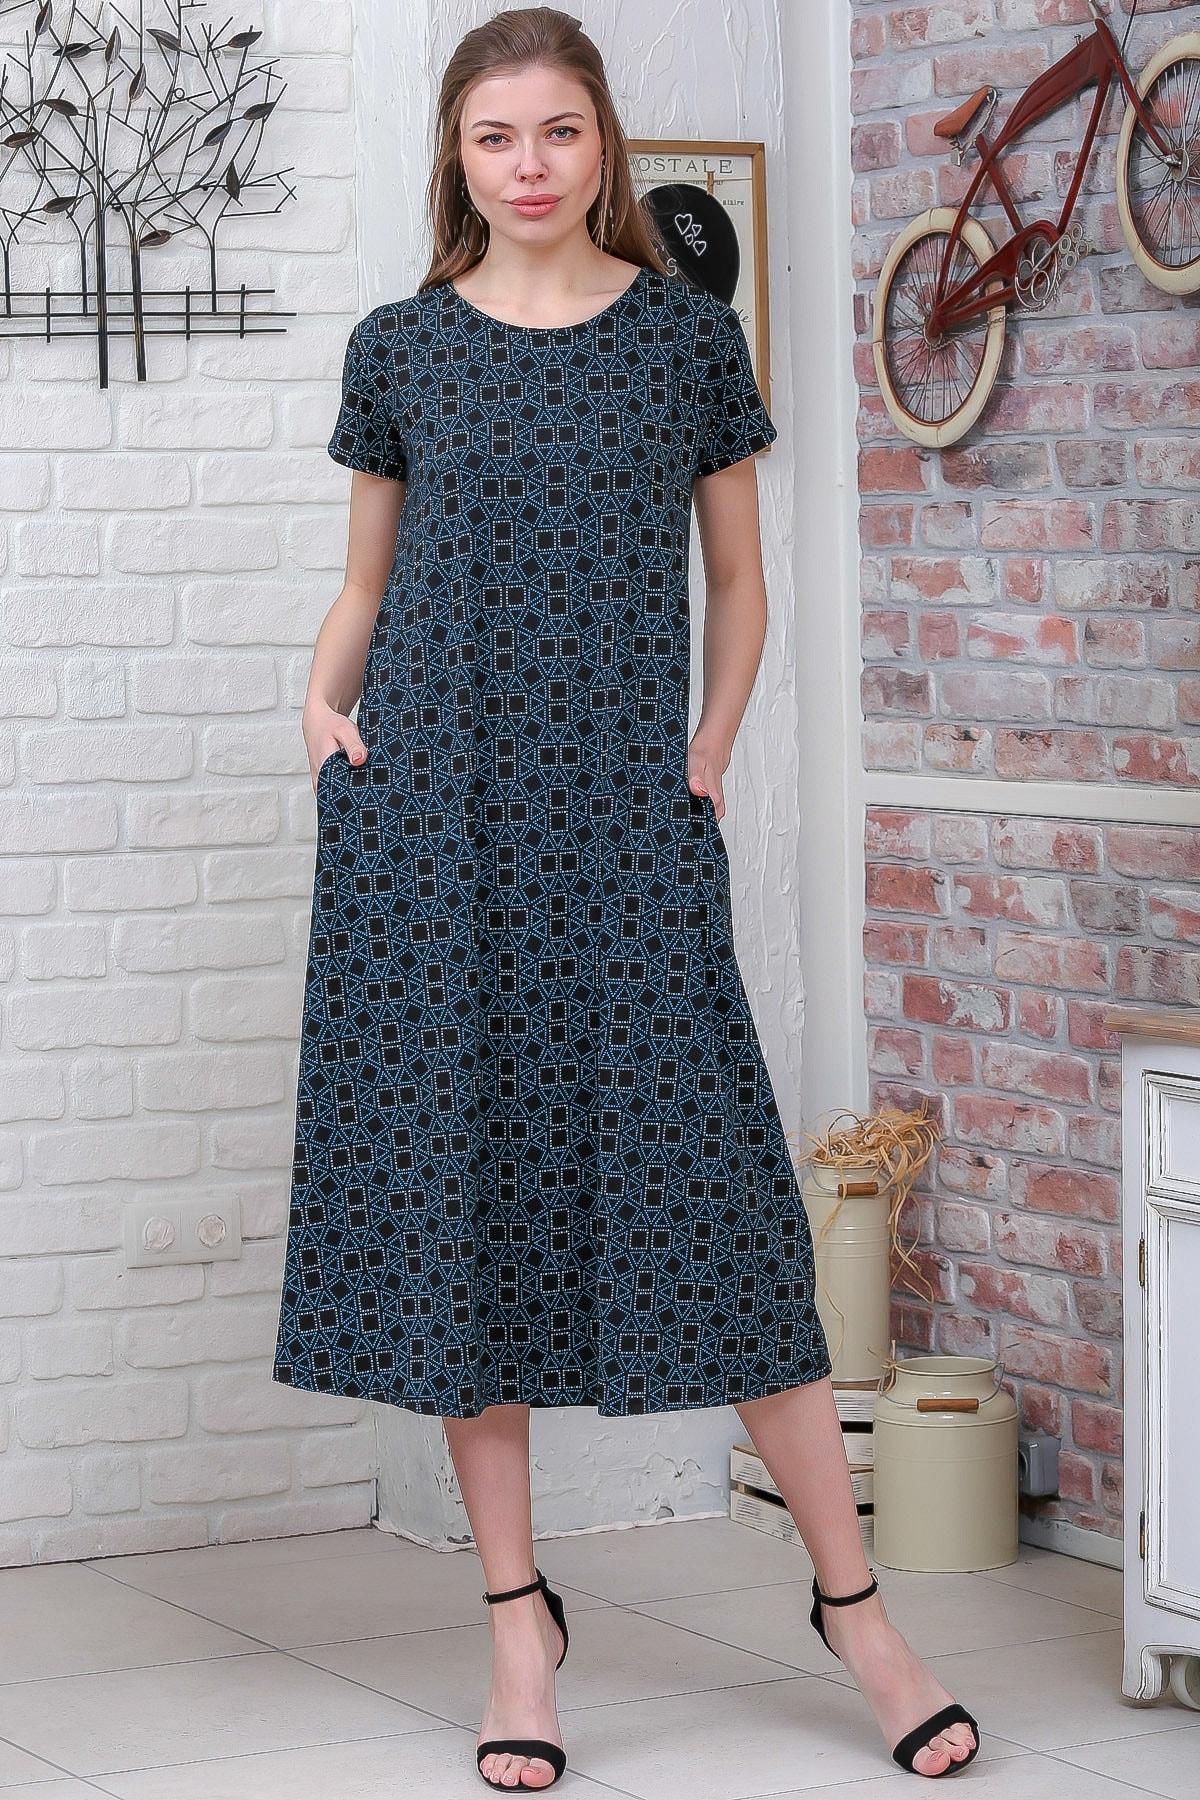 Chiccy Kadın Yeşil Sıfır Yaka Geometrik Desenli Gizli Cepli Salaş Elbise M10160000EL95550 0